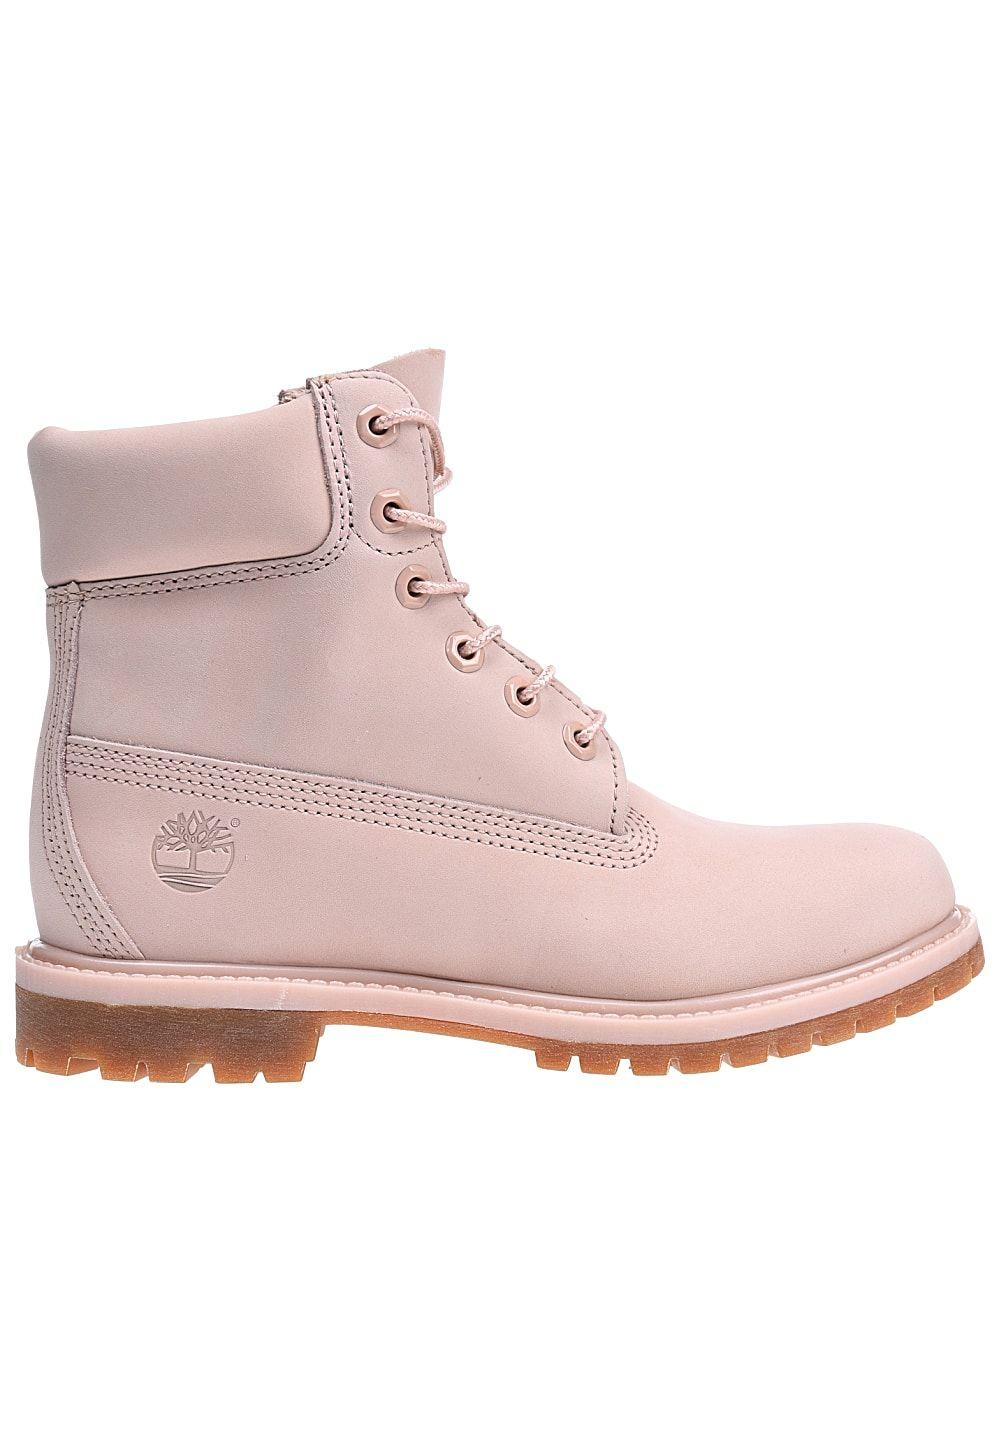 Timberland 6 inch Premium - Stiefel für Damen - Pink Jetzt bestellen unter:  https: